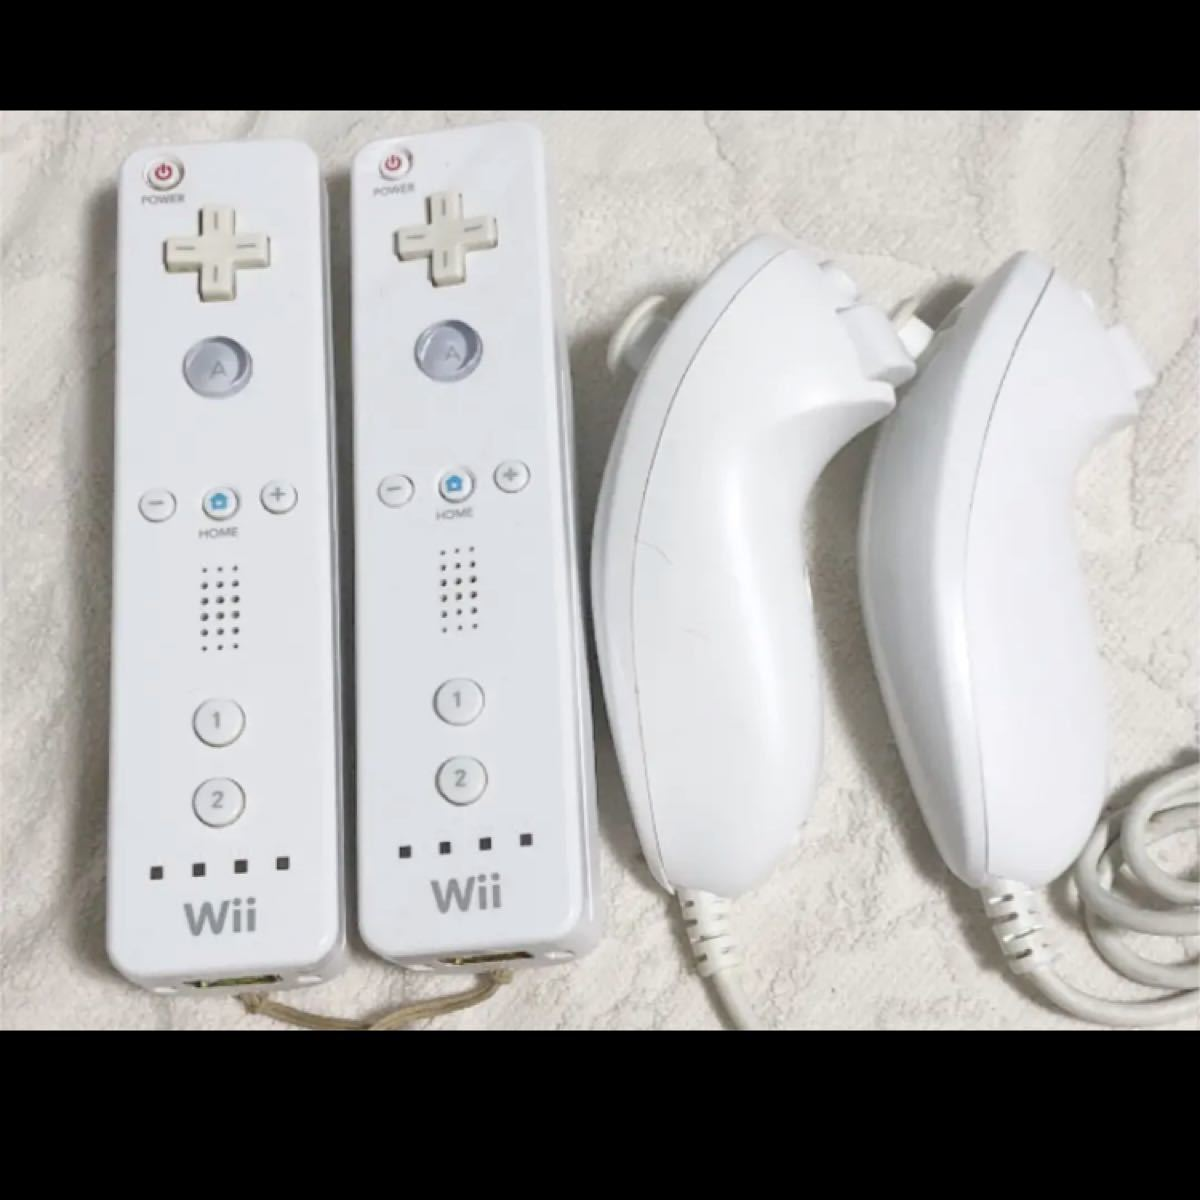 wii ウィー リモコン×2 ヌンチャク×2セット Wiiリモコン ヌンチャク Wiiリモコンプラス Wii 任天堂 マリオカート